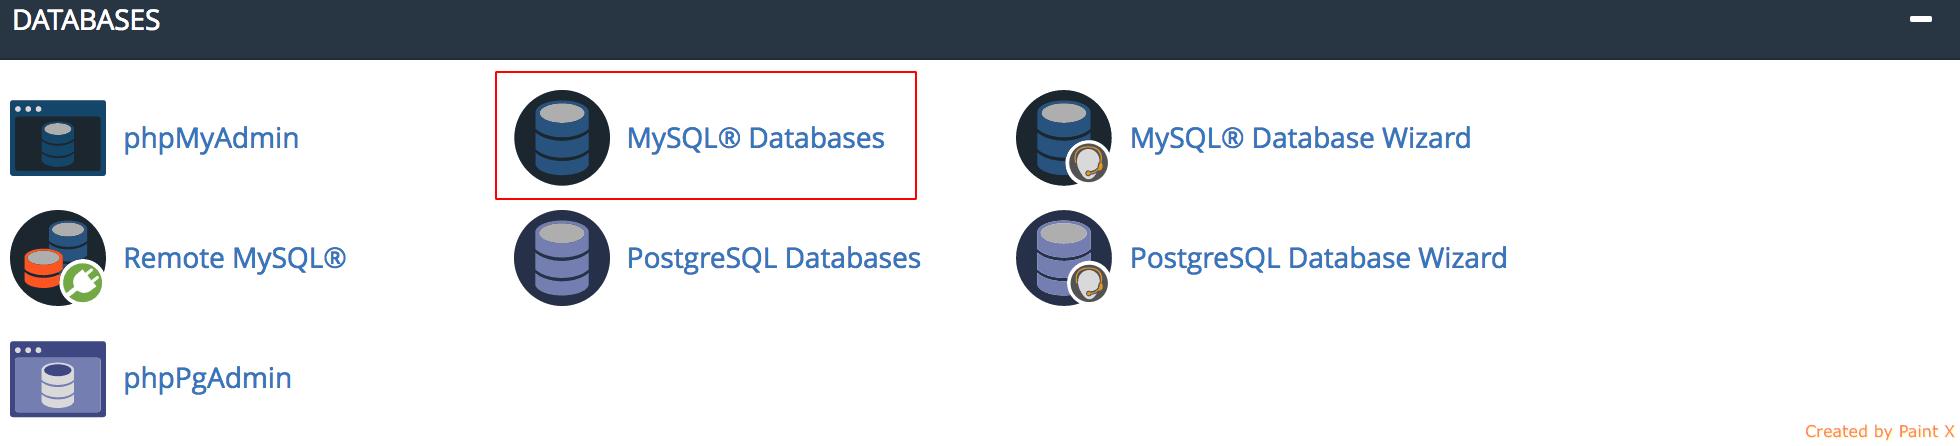 MySQL-Databases